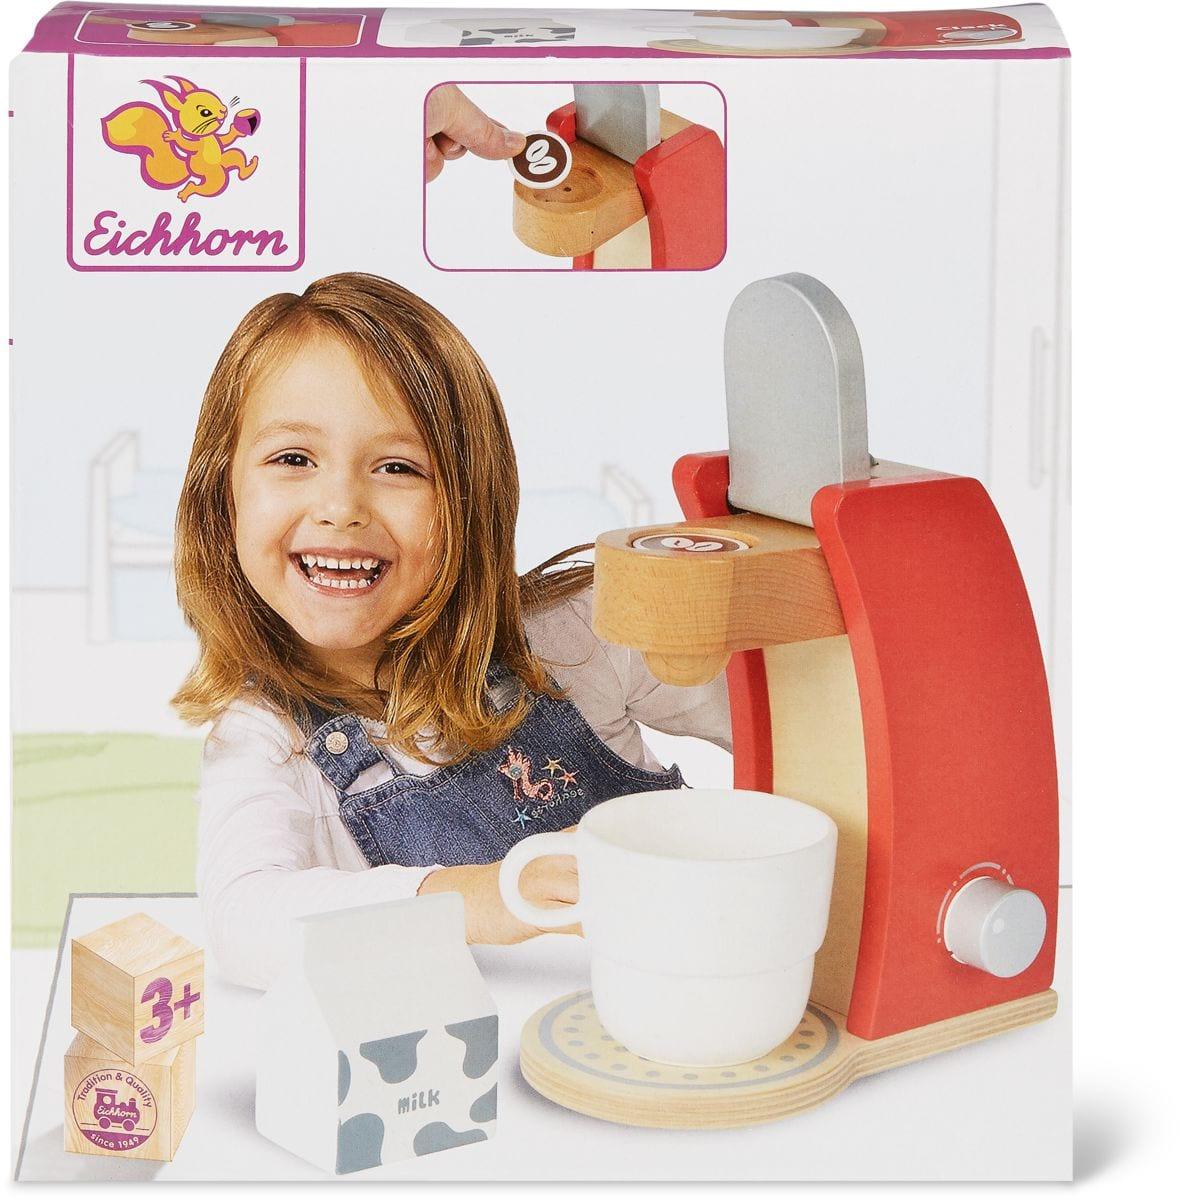 Eichhorn Kaffee Maschine Rollenspiel